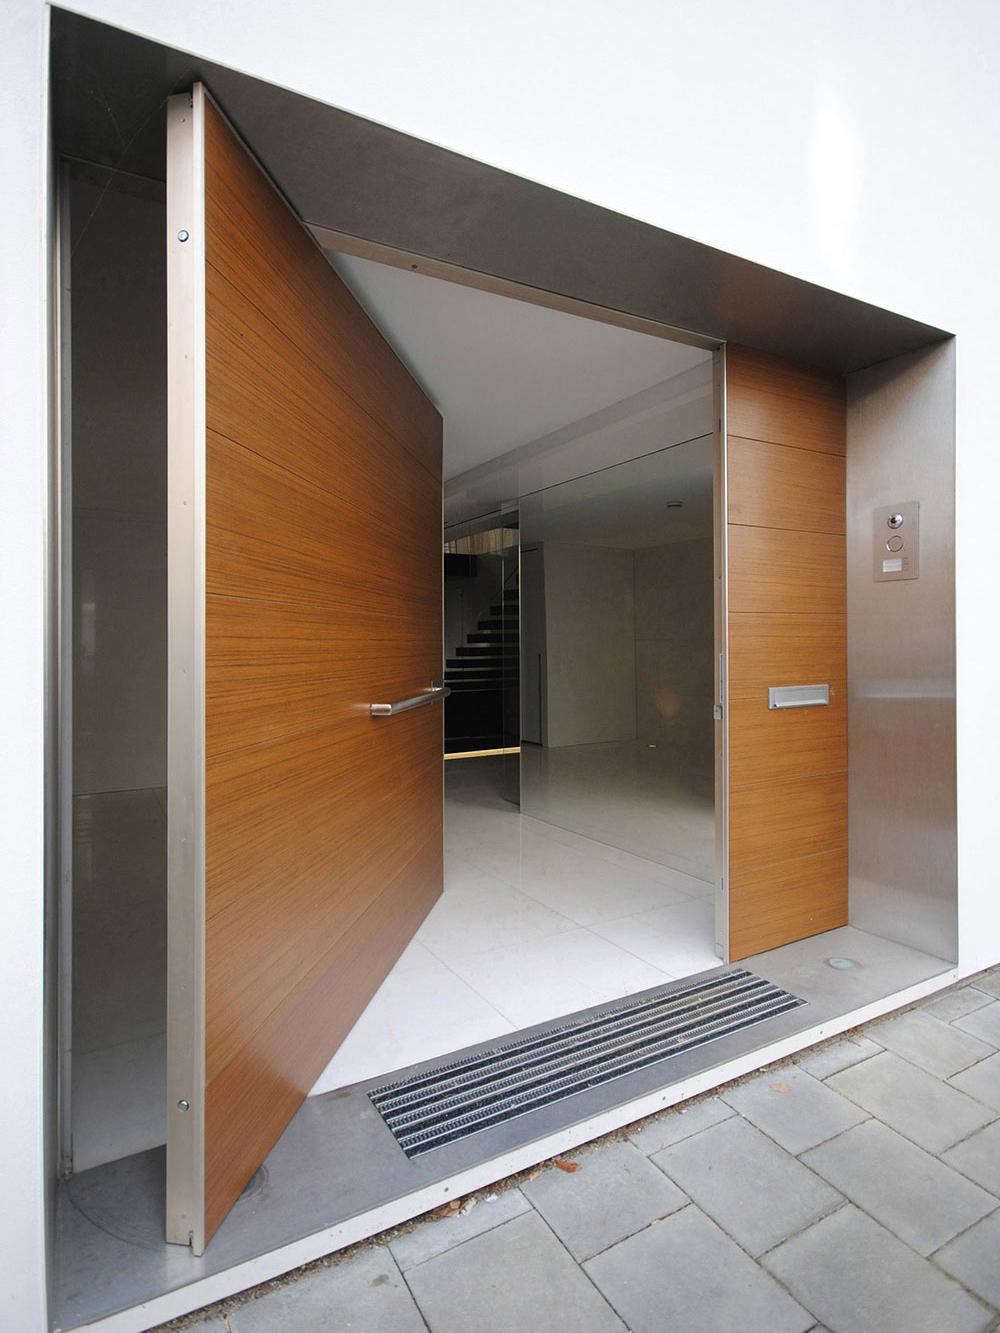 Vrata koja se otvaraju na nekonvencionalan način